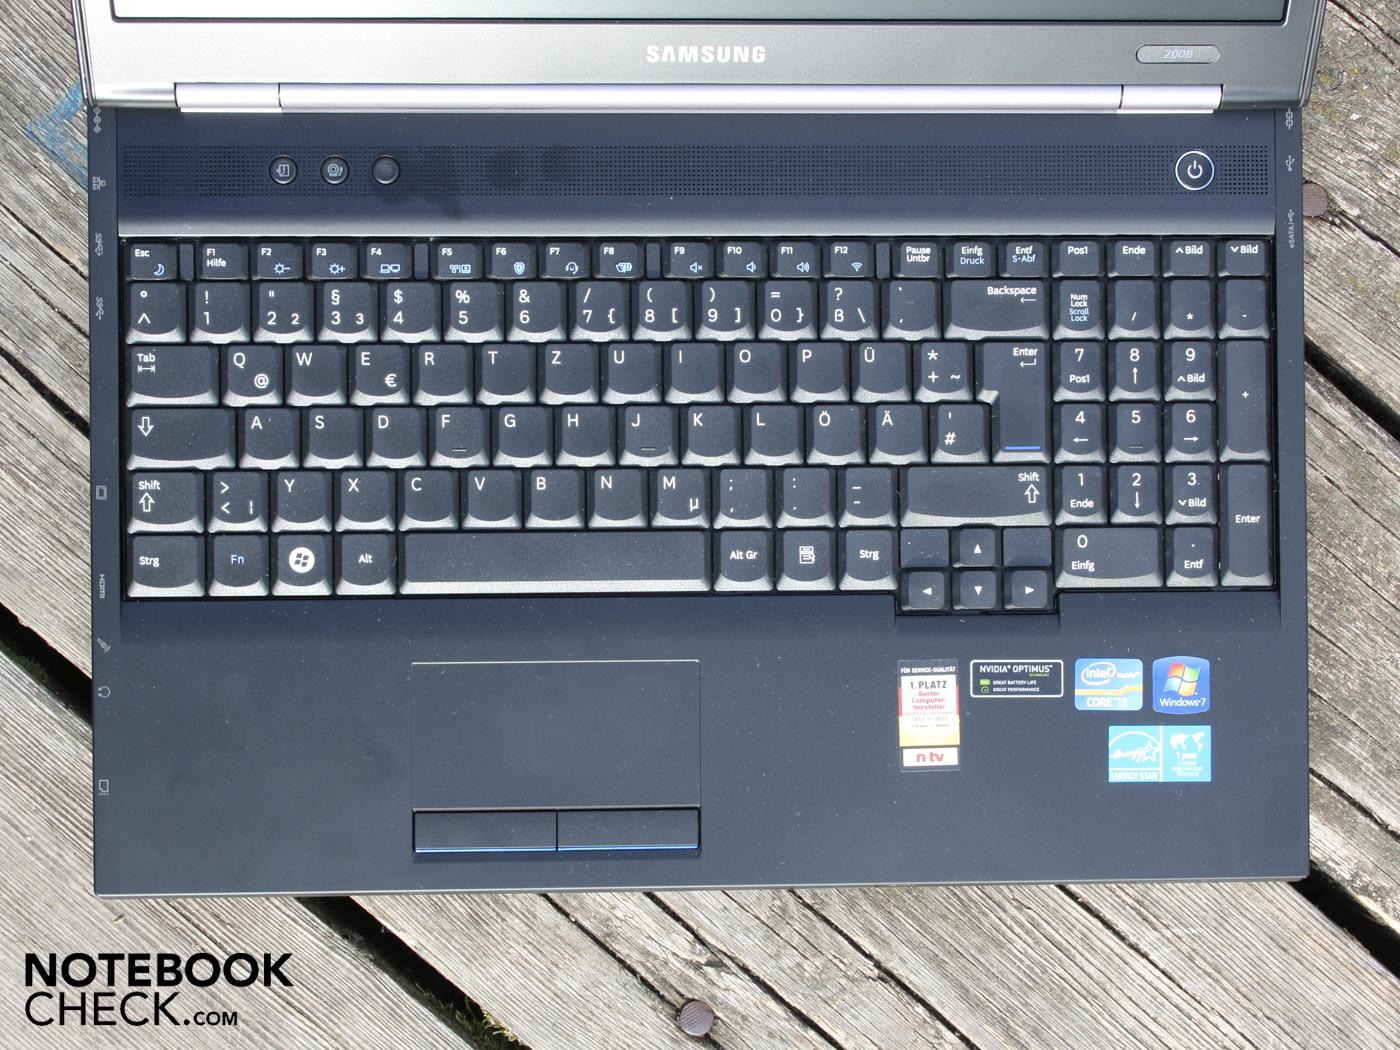 Notebook samsung com teclado numerico - Teclado Altamente Sensible